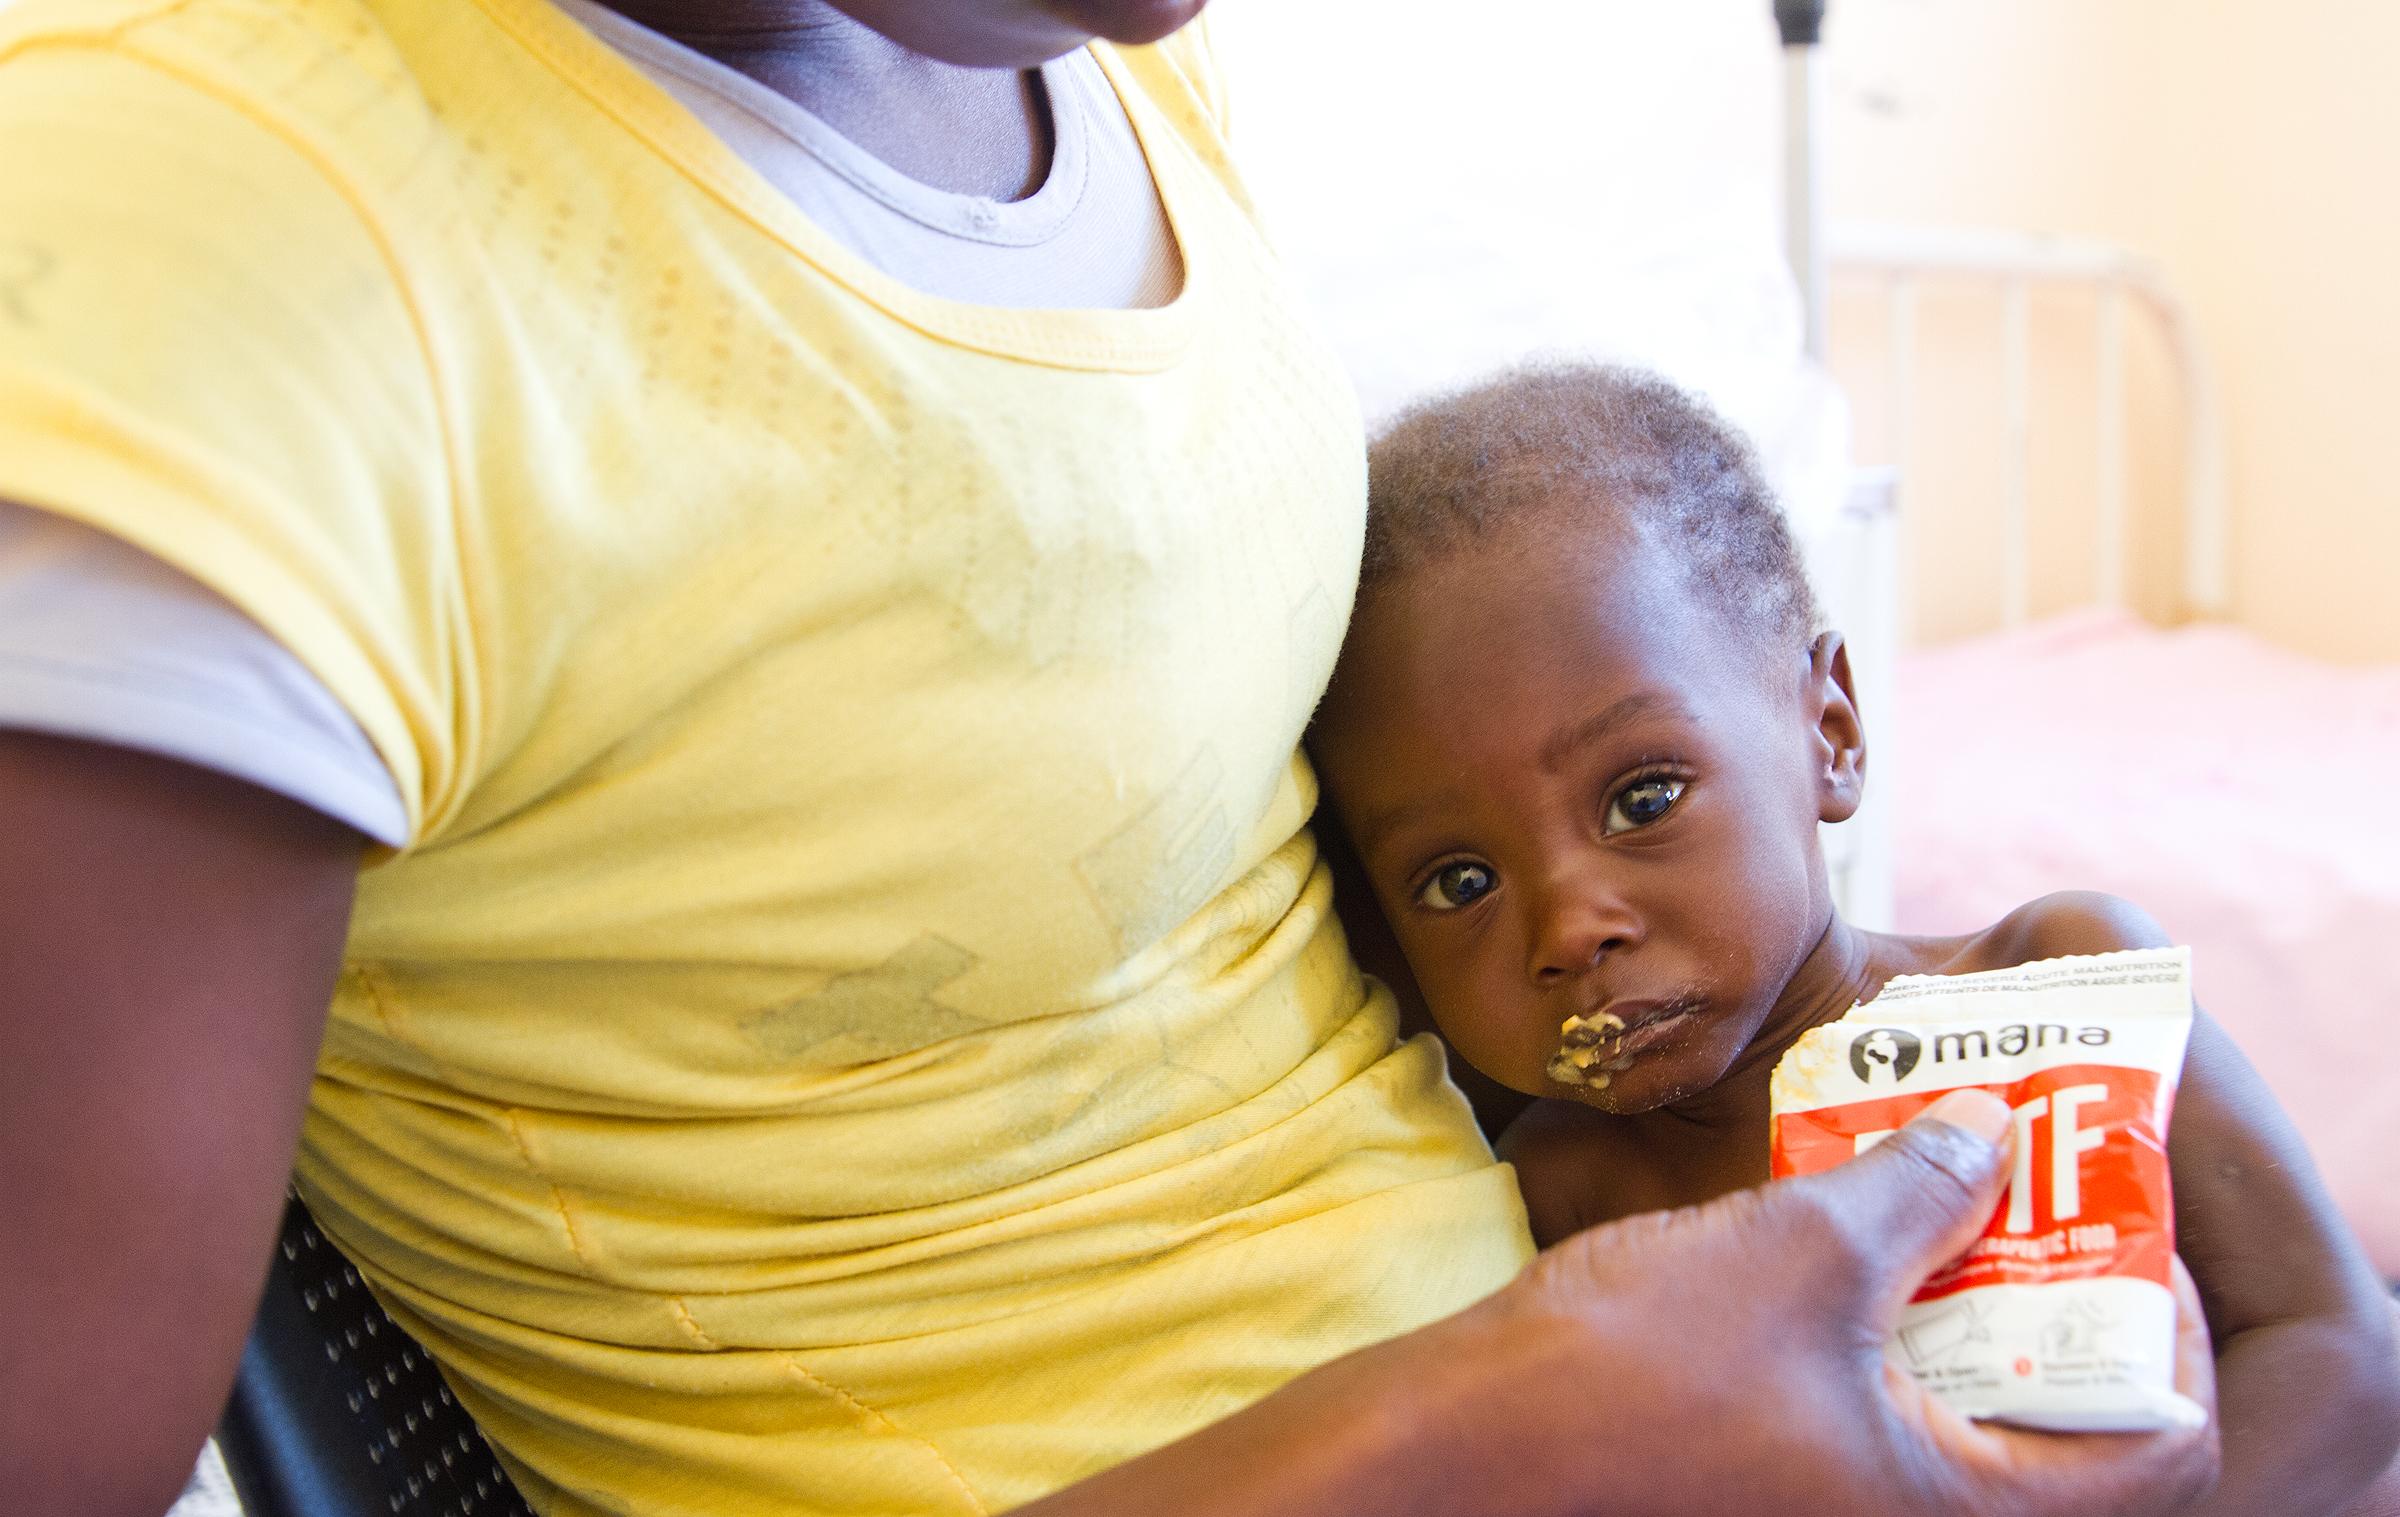 Pieni Marcelino äidin sylissä ja pussi maapähkinätahnaa. © UNICEF/UN023908/Clark